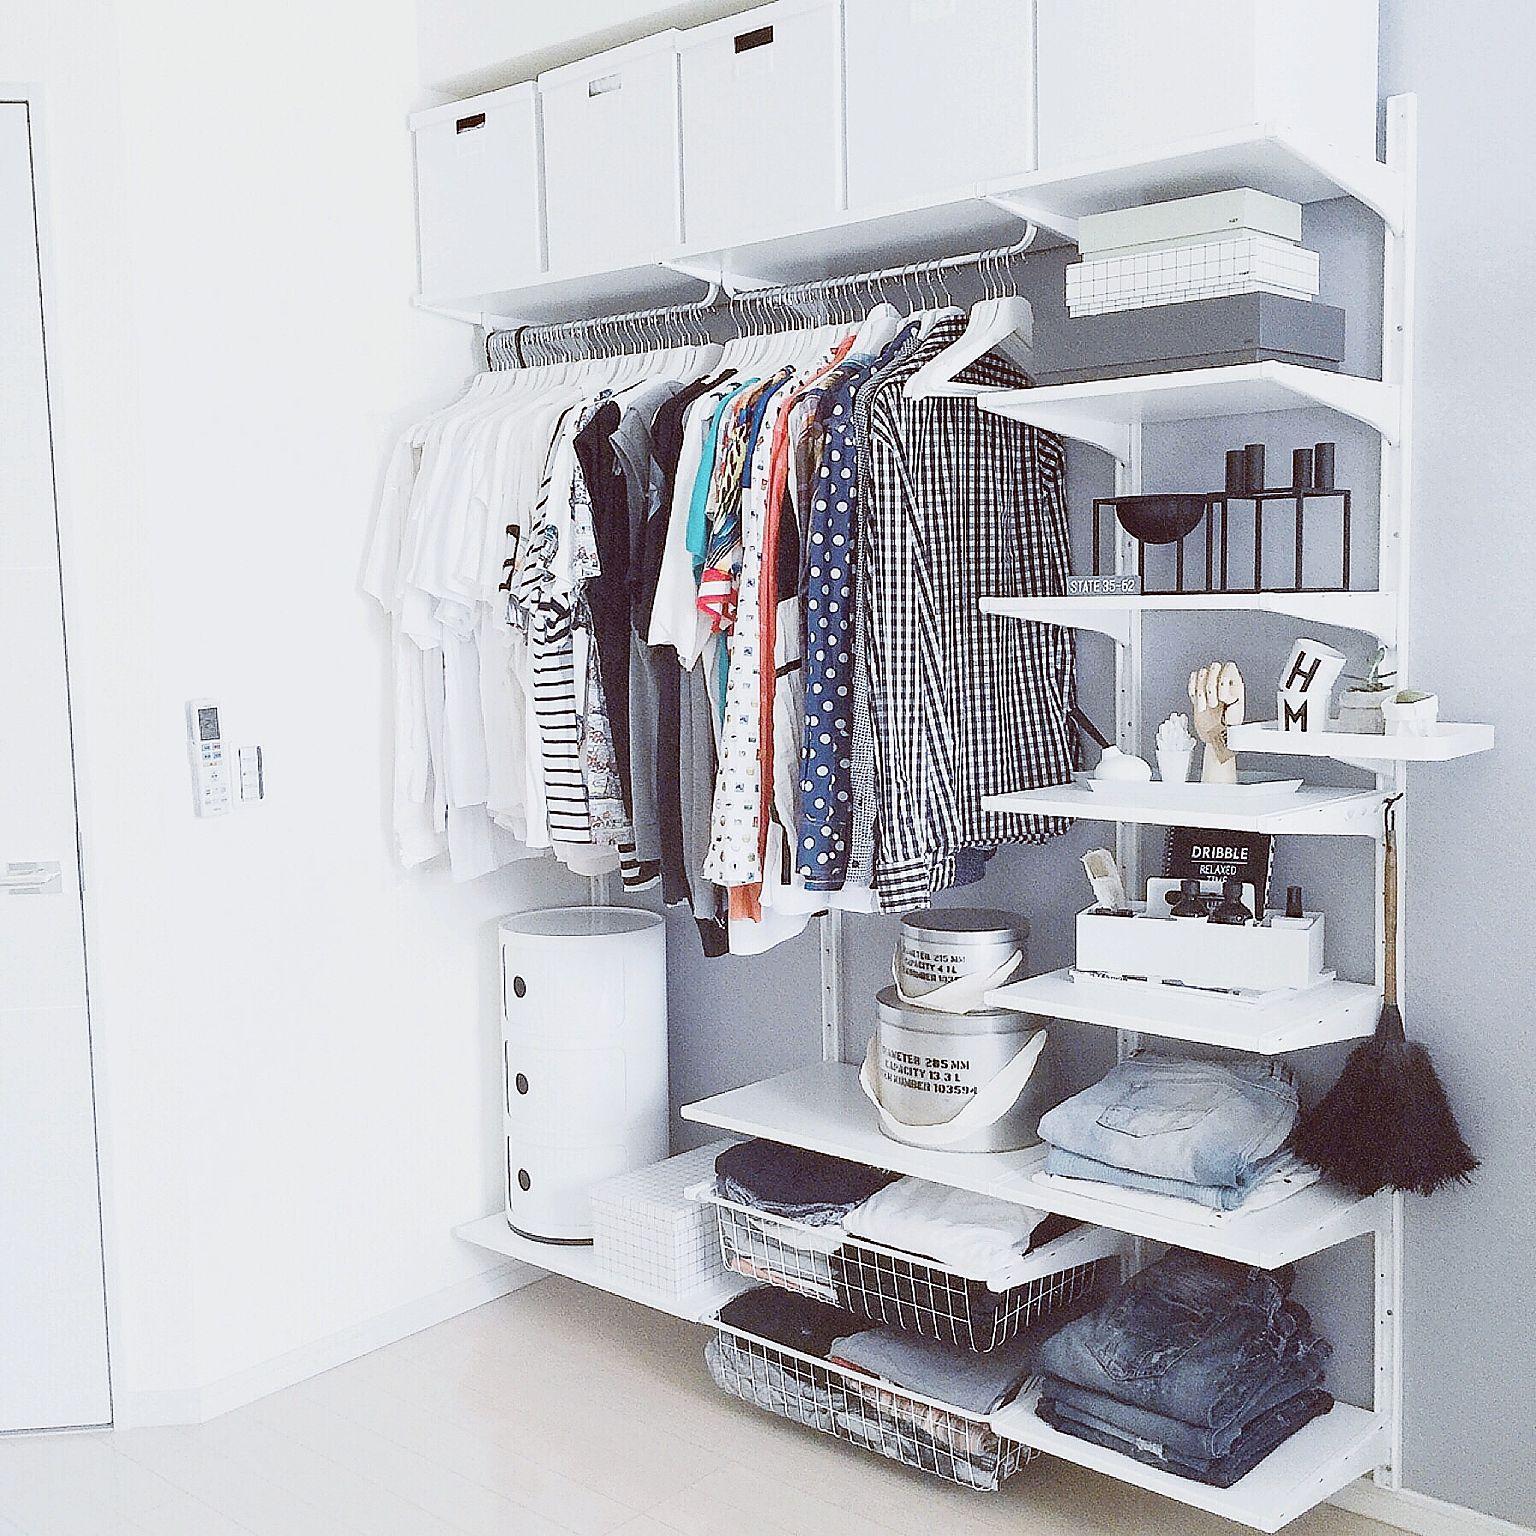 洋服収納の実例5例!使いやすいたたみ方やアイデアは? | luv interior